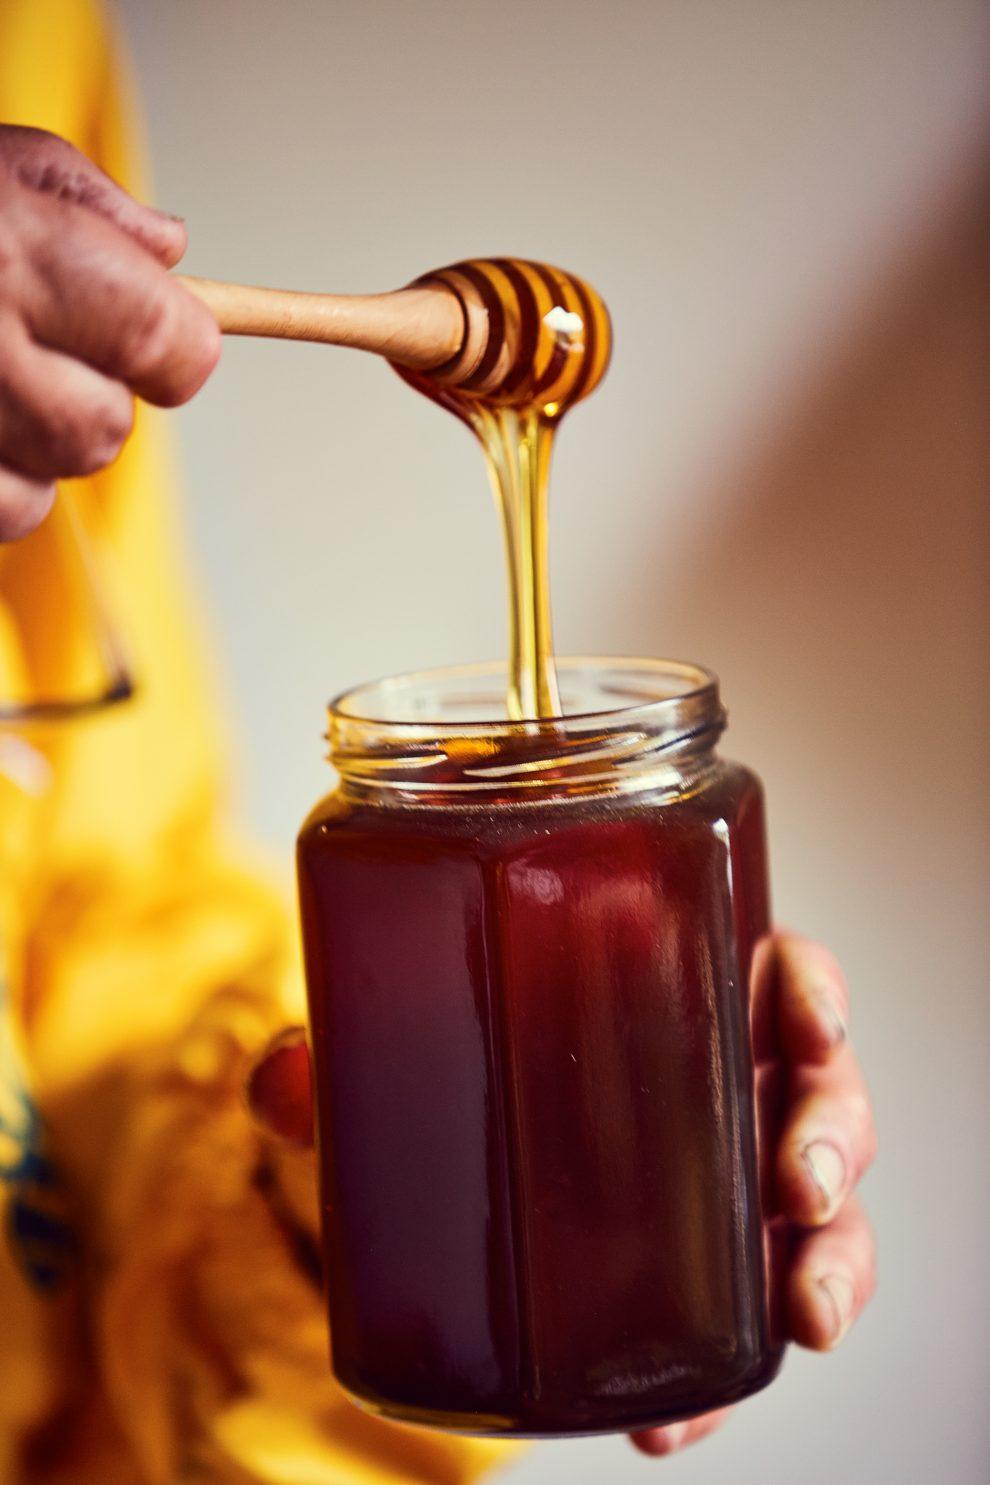 Riconoscere la qualità del miele    Per i mieli liquidi: girate il vasetto. Più la bolla d'aria sale lentamente più è buono il miele Riconoscere il miele fermentato: se la capsula del vaso è concava e quando aprite il vaso sentite un sibilo di aria e poi il miele fa un po' di schiuma vuol dire che quel miele sta fermentando. È raro, ma in questo caso fatevelo cambiare dal produttore.